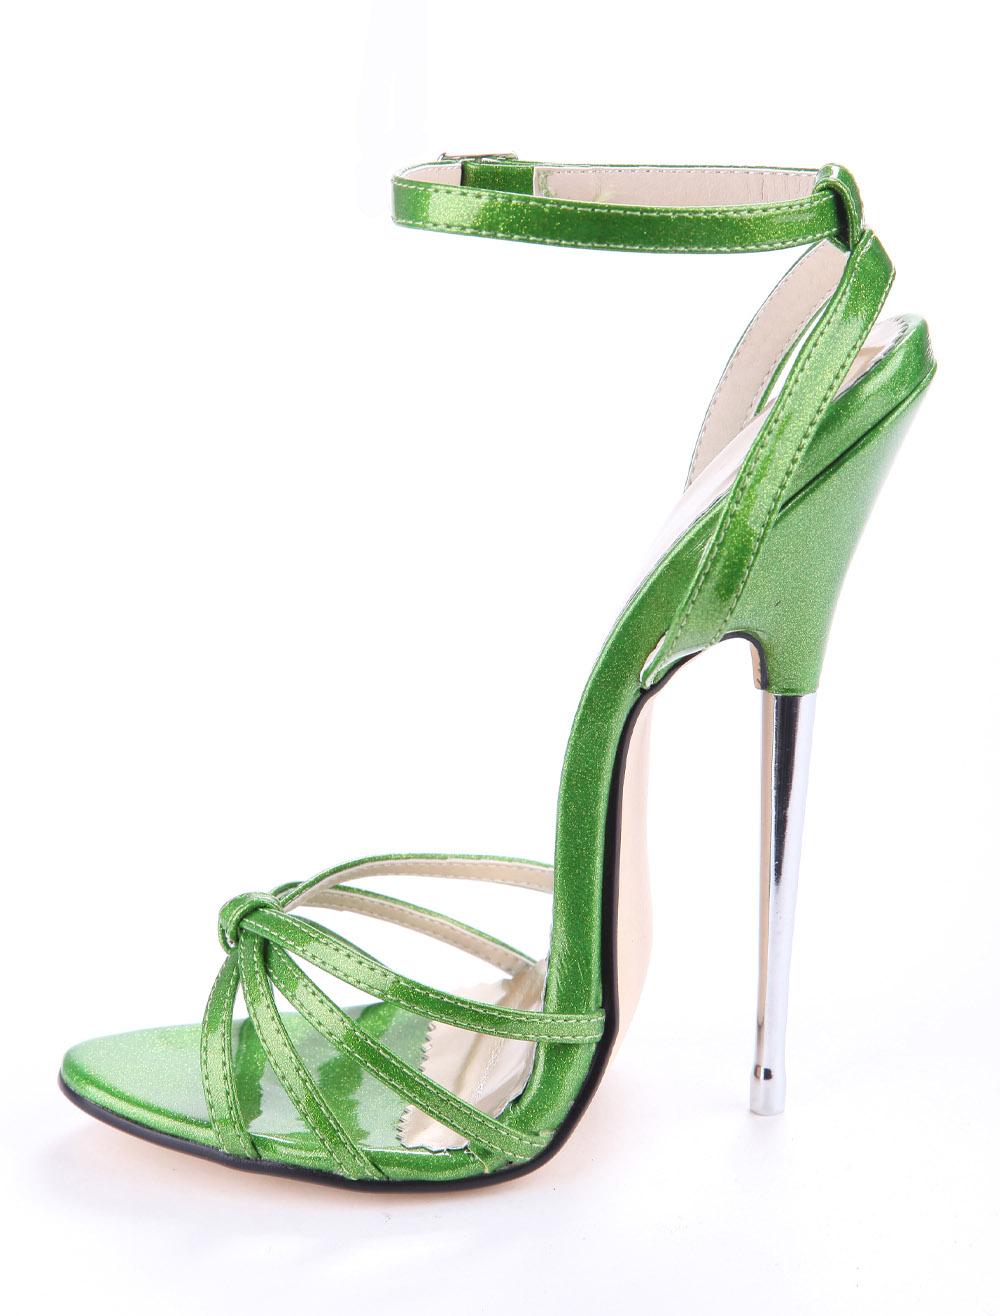 新款女士高跟凉鞋 2019新款性感  16cm绿色金属跟尖头细跟大码超高跟 走秀女凉鞋_推荐淘宝好看的女新款高跟凉鞋